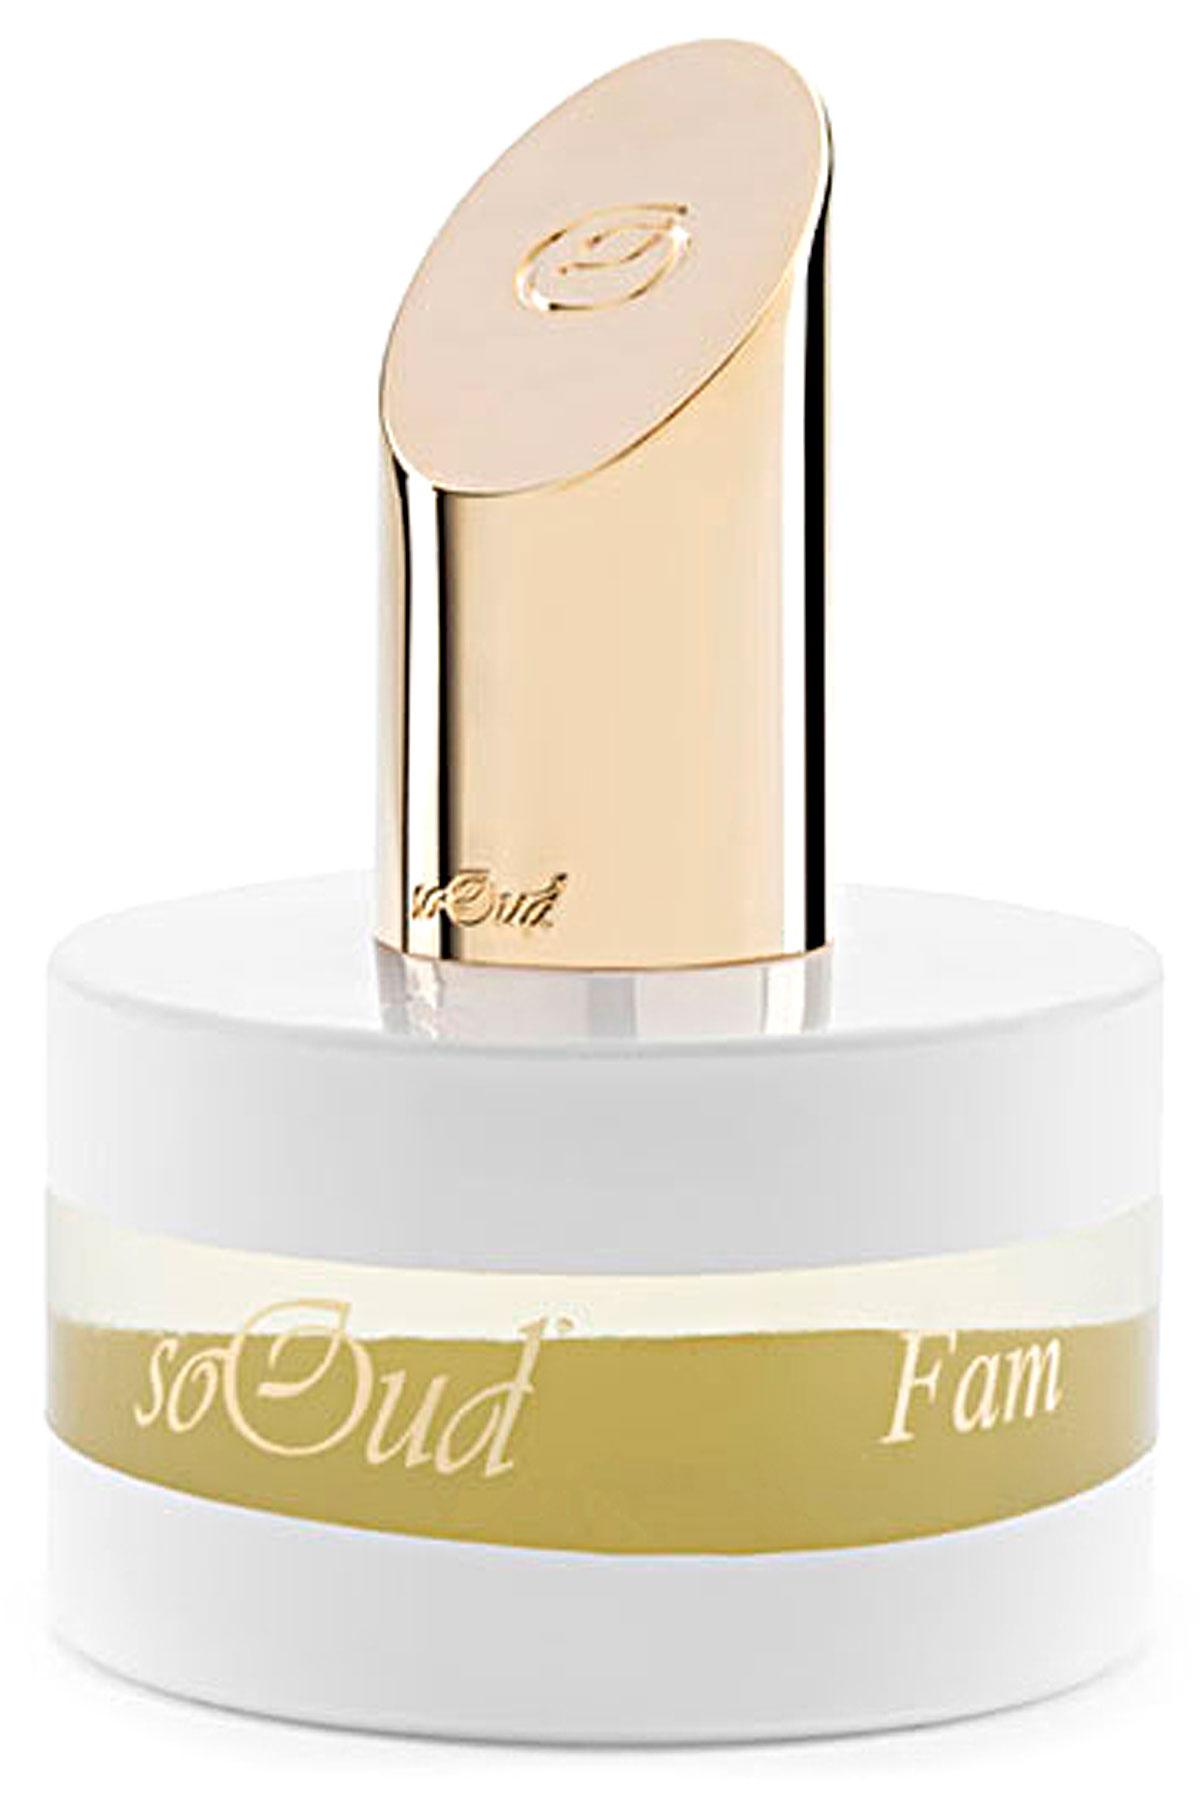 SoOud Fragrances for Men, Fam - Eau Fine - 60 Ml, 2019, 60 ml